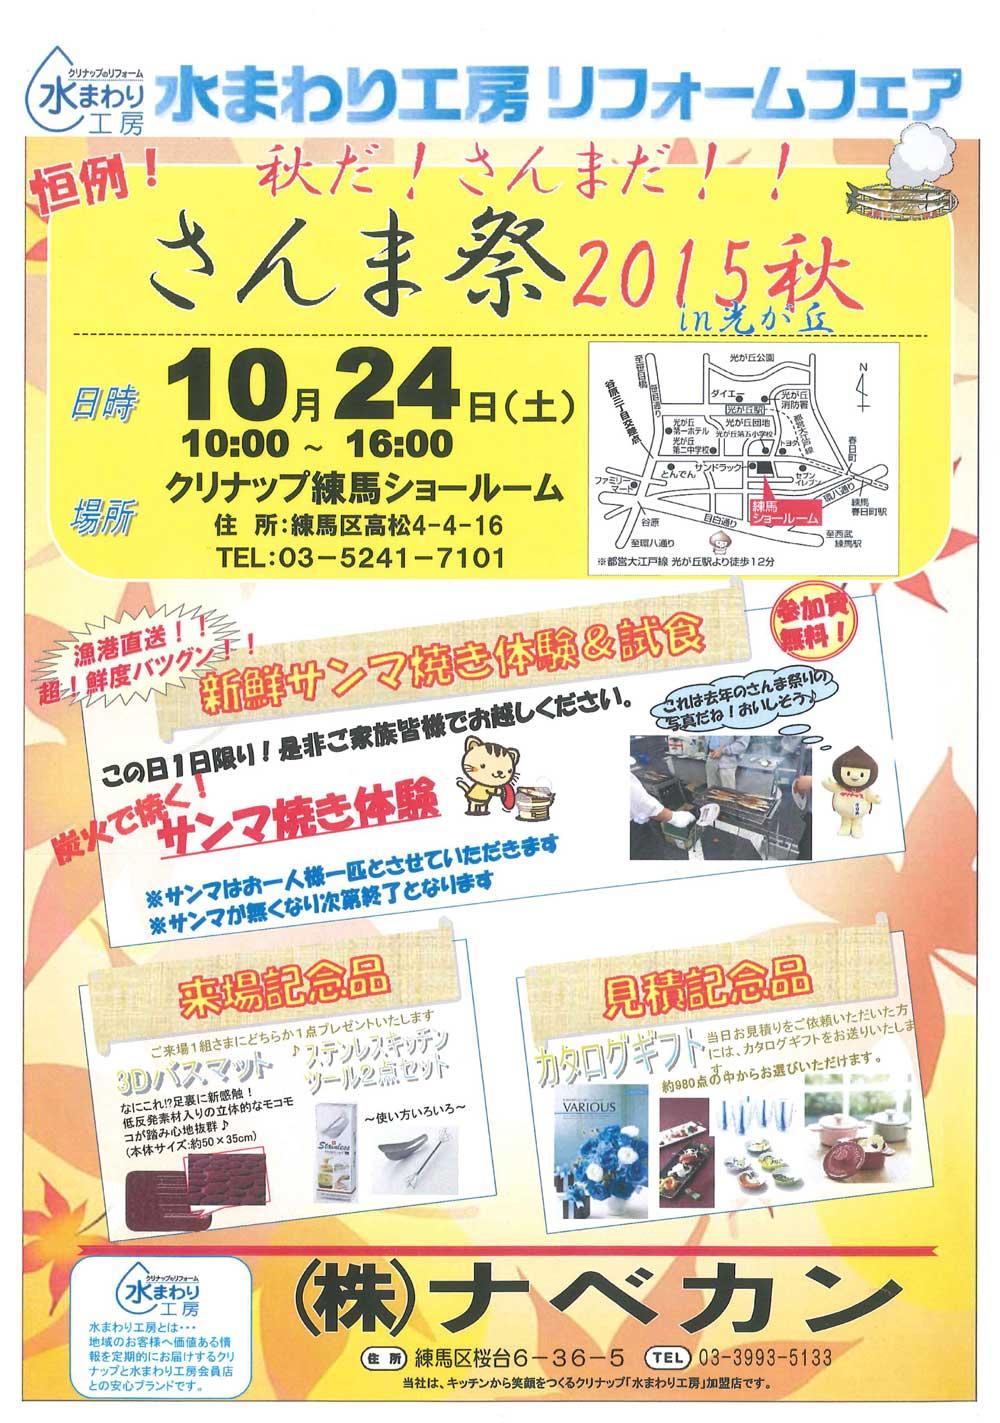 さんま祭2015秋 10/24 クリナップ